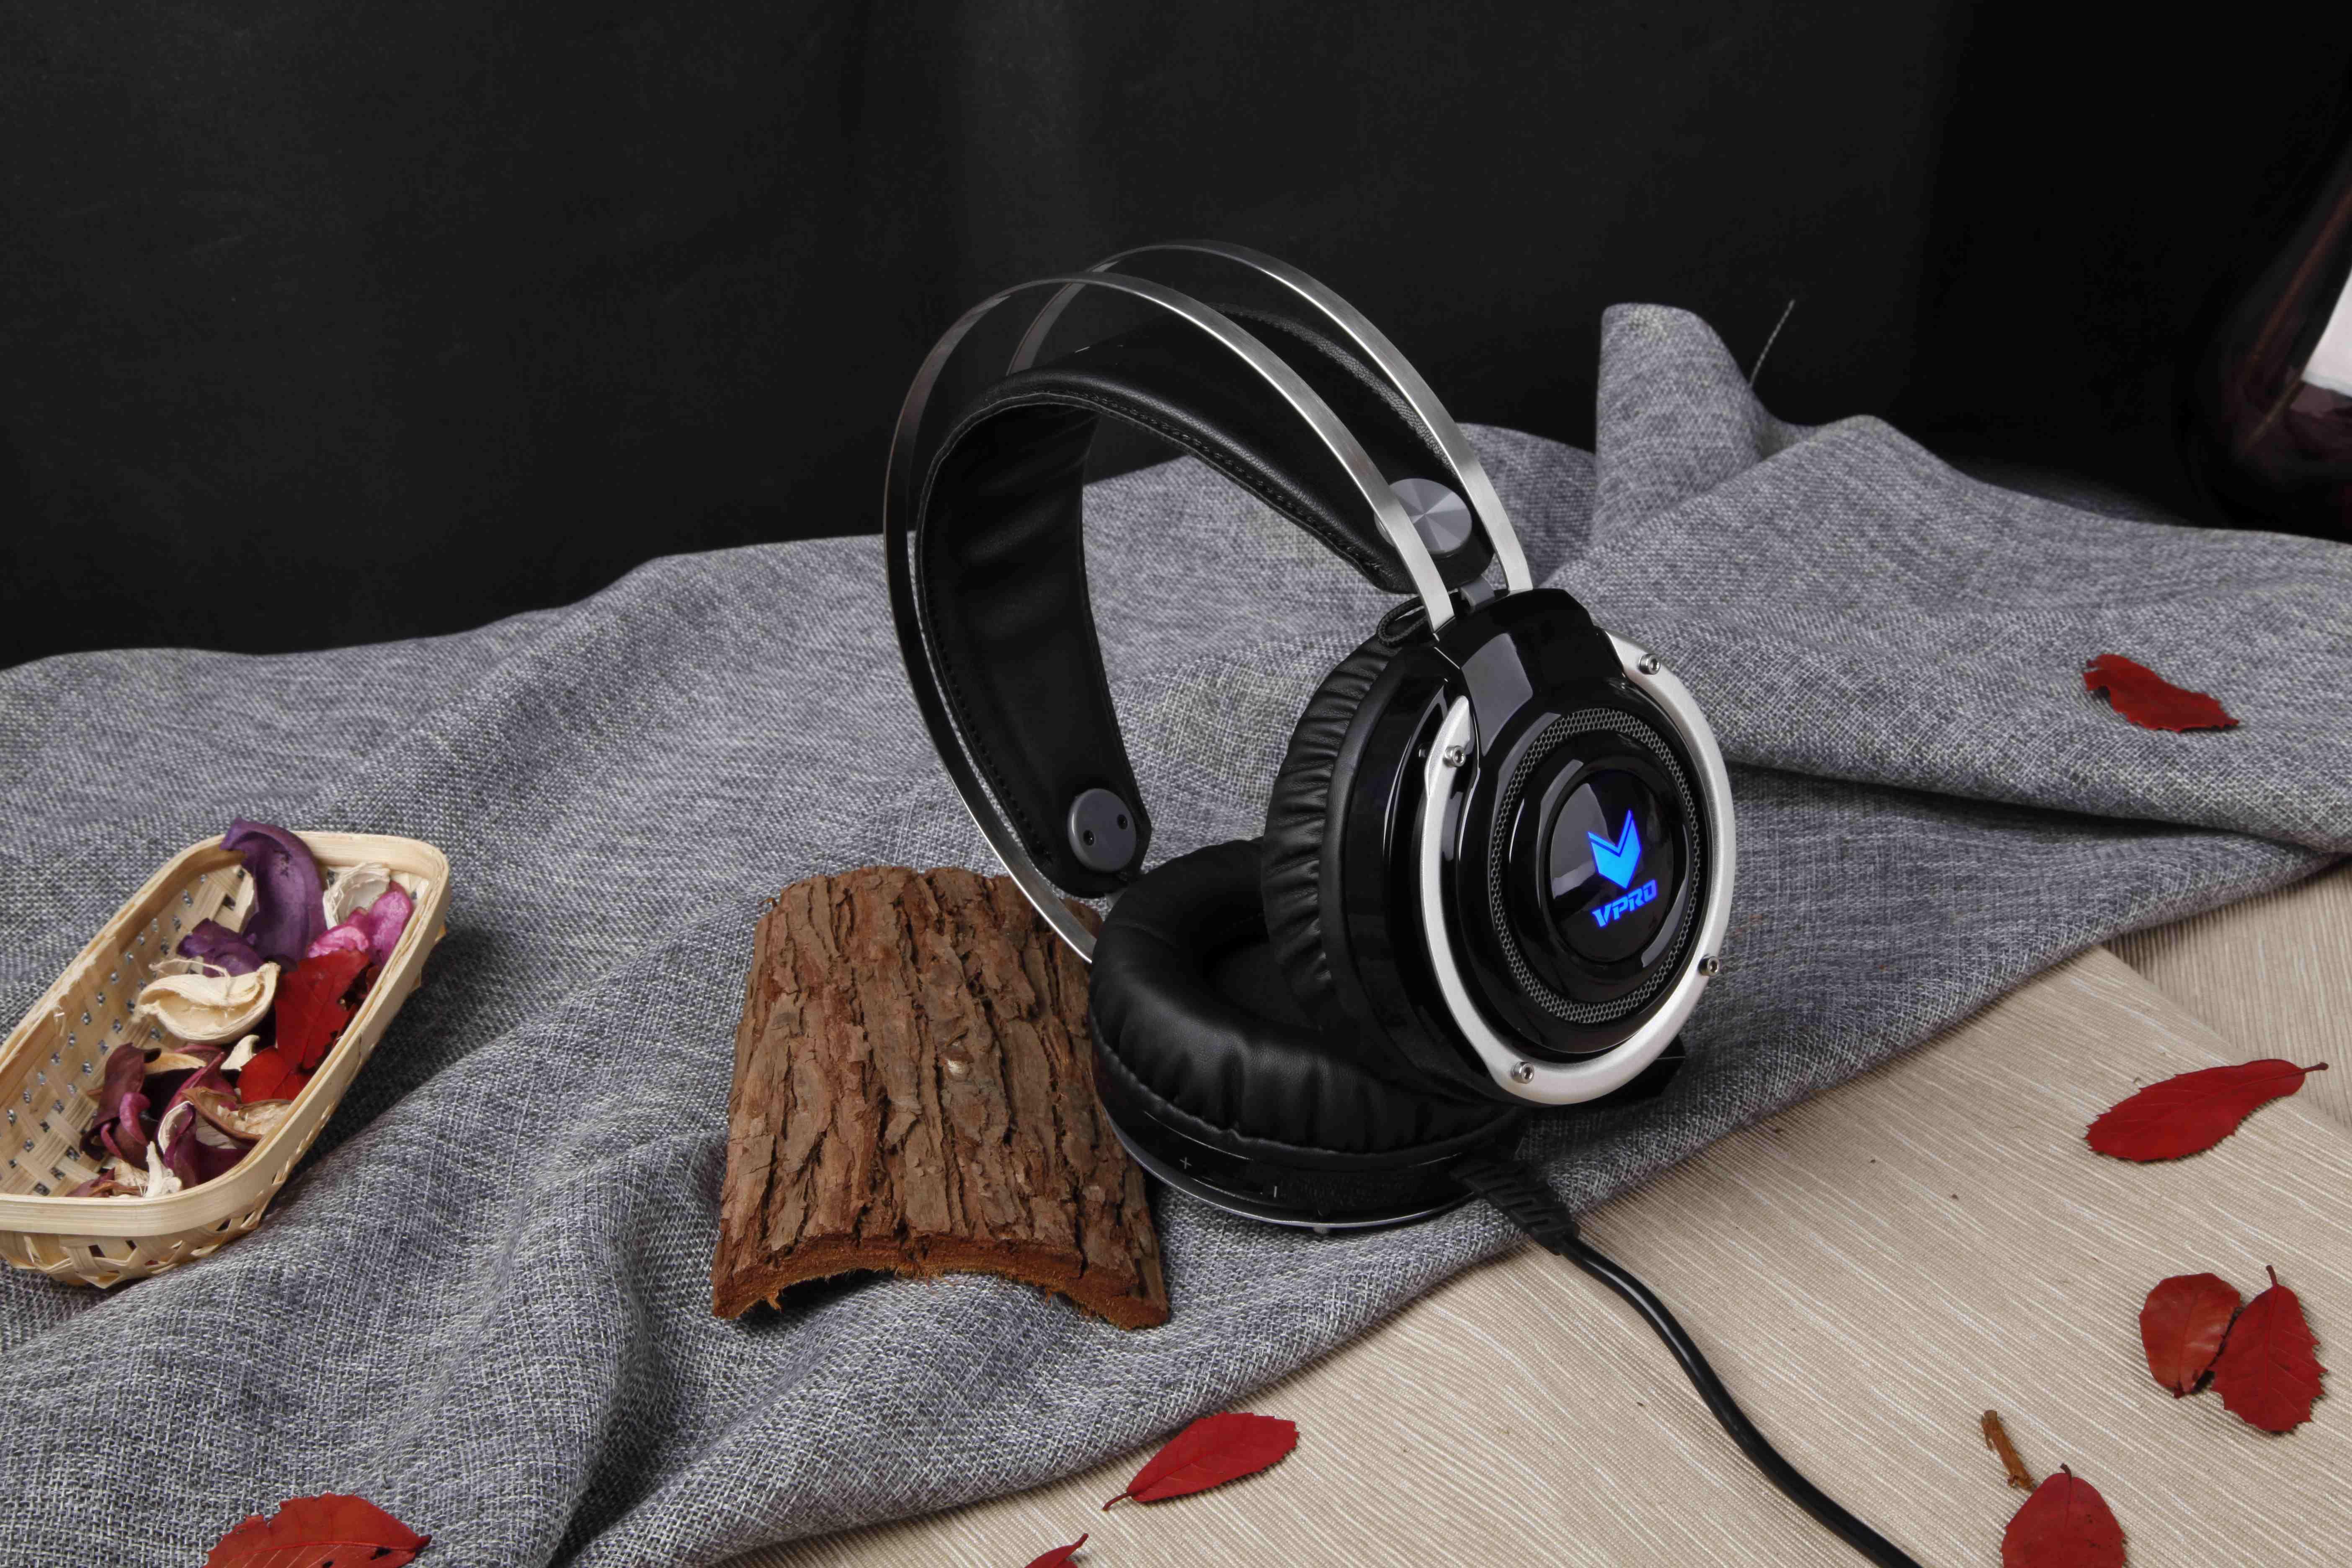 雷柏vh100背光游戏耳机 耳机产品图片6素材-it168耳机